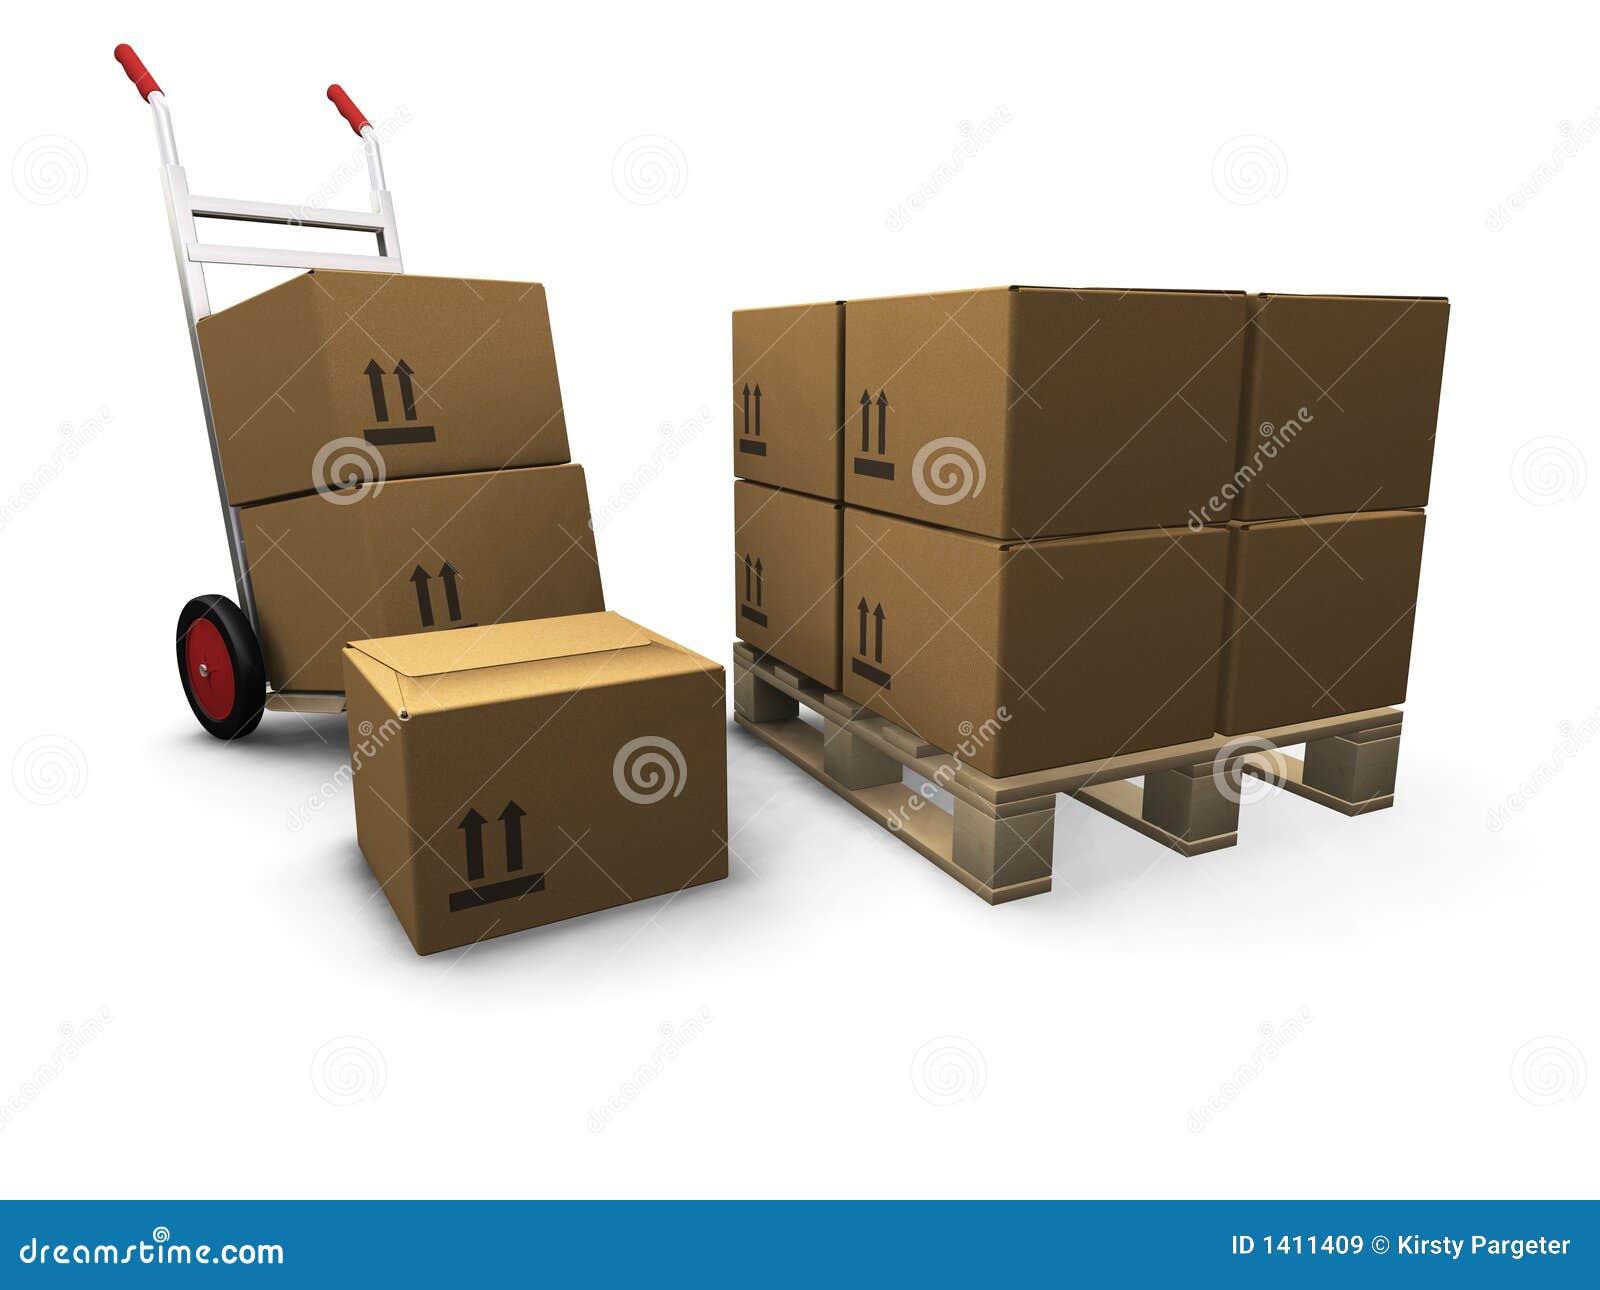 кладет ручную тележку в коробку